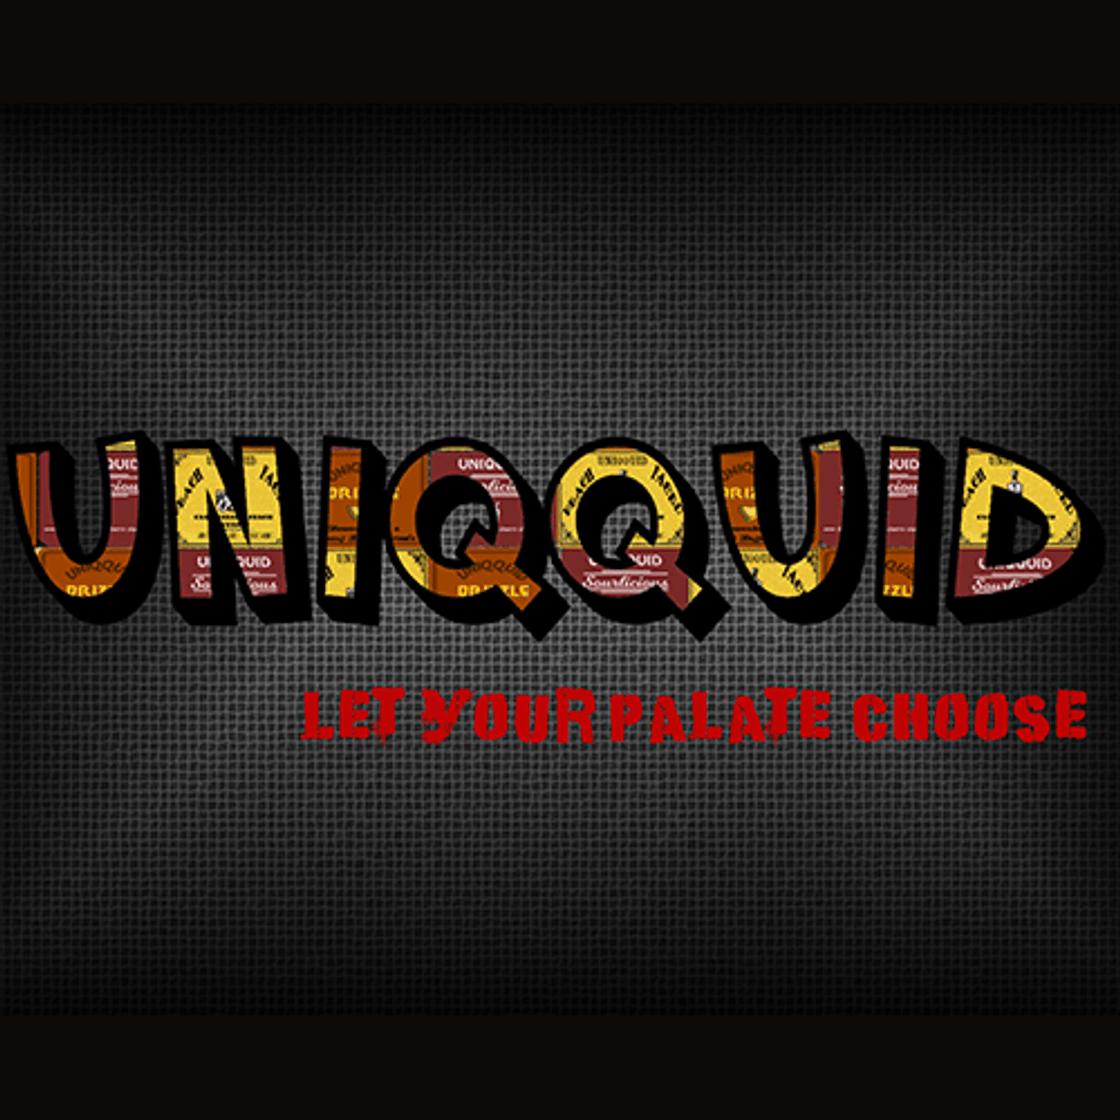 Uniqquid